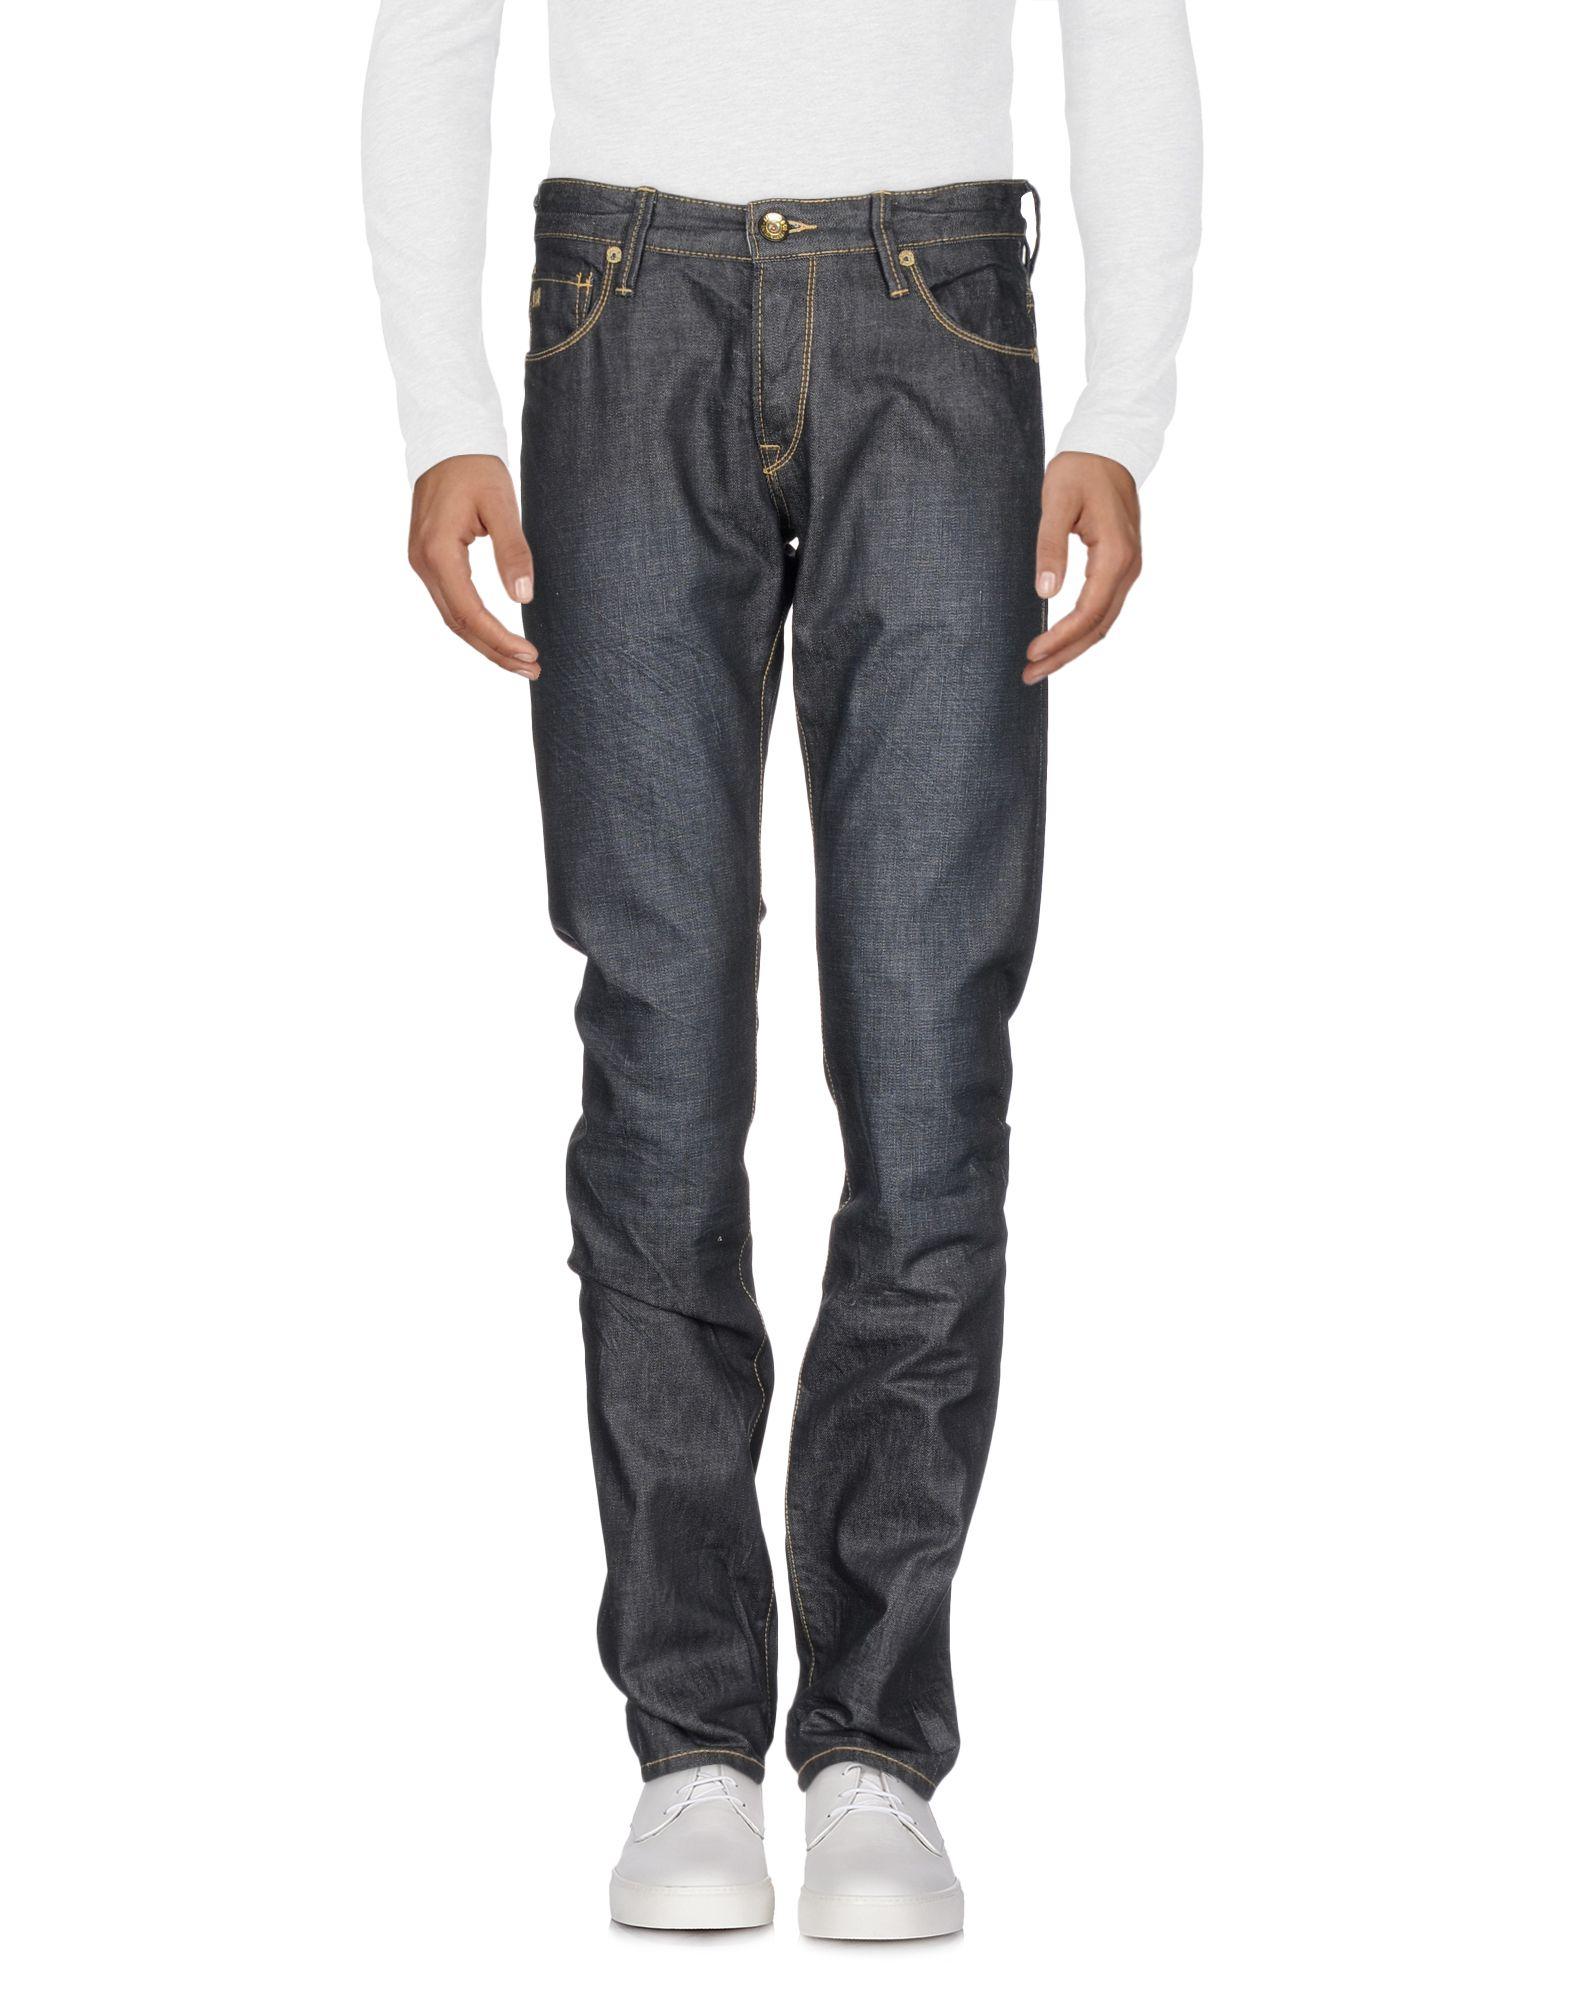 SCOTCH & SODA Джинсовые брюки carver pioneer camp джинсовые брюки мужские обычные джинсовые брюки темно синий 33 611 021